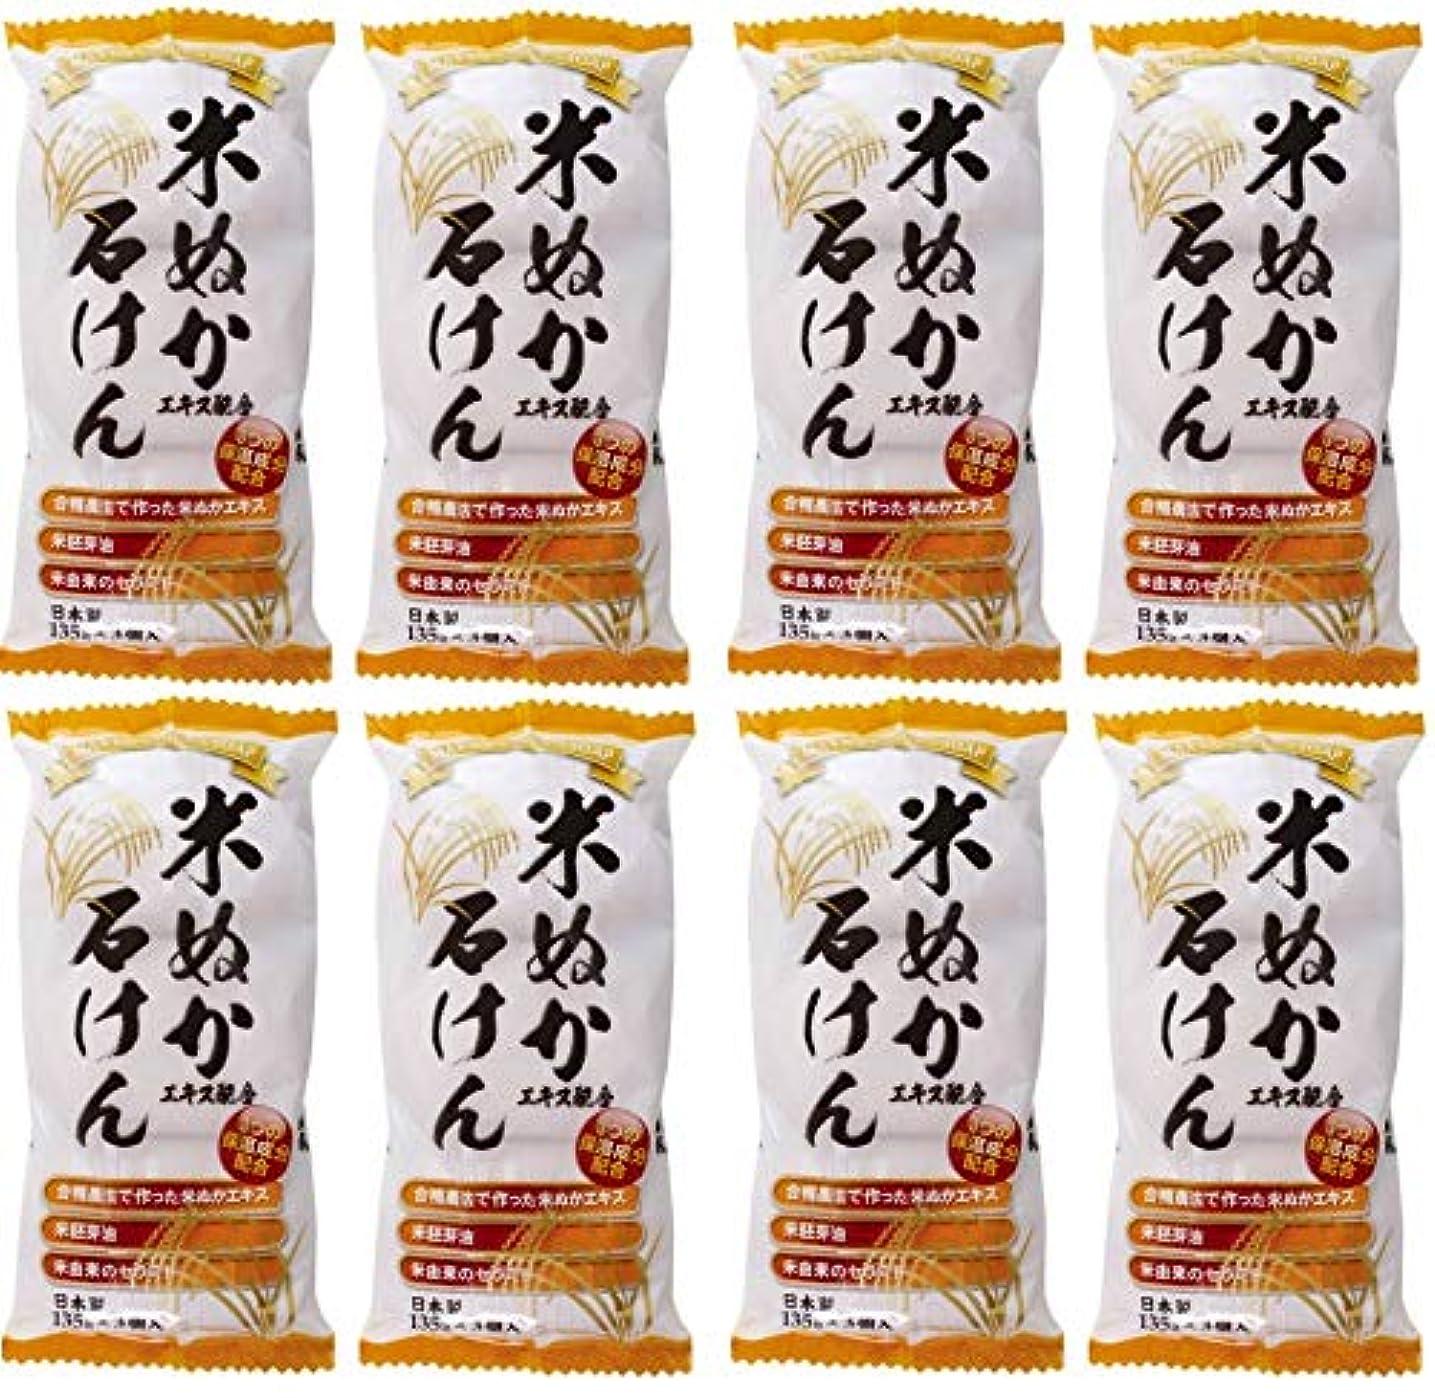 【まとめ買い】米ぬかエキス配合石けん 3個入 135g×3個×8個